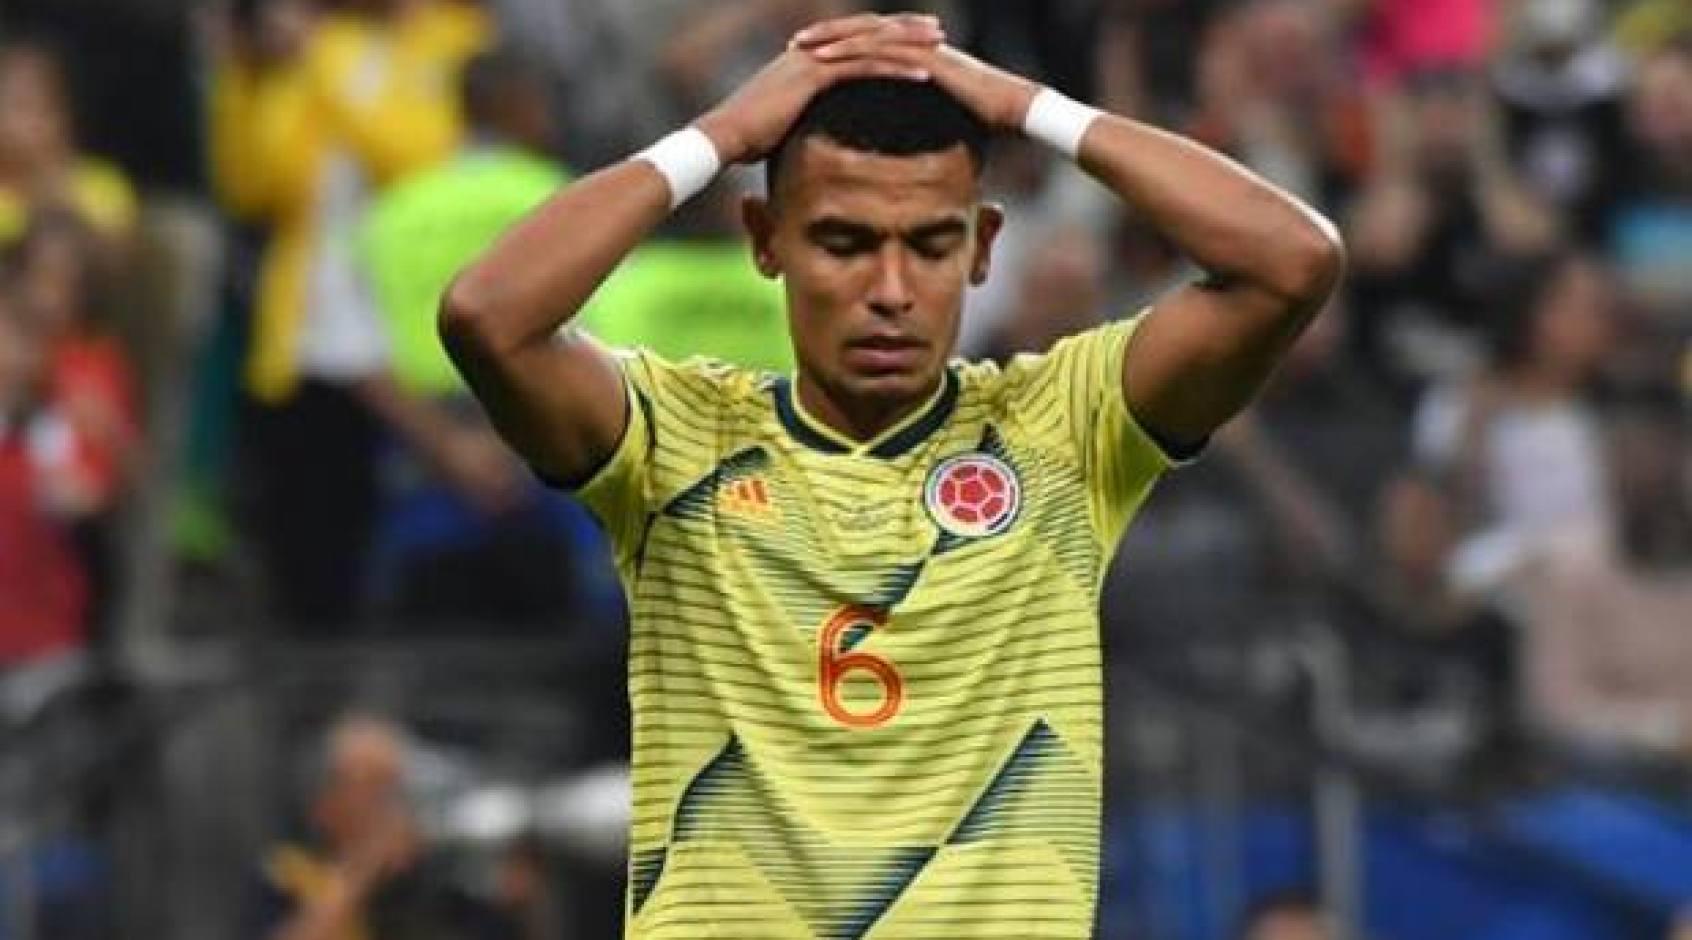 Тень Эскобара: игрок сборной Колумбии, не забивший пенальти, боится за свою жизнь